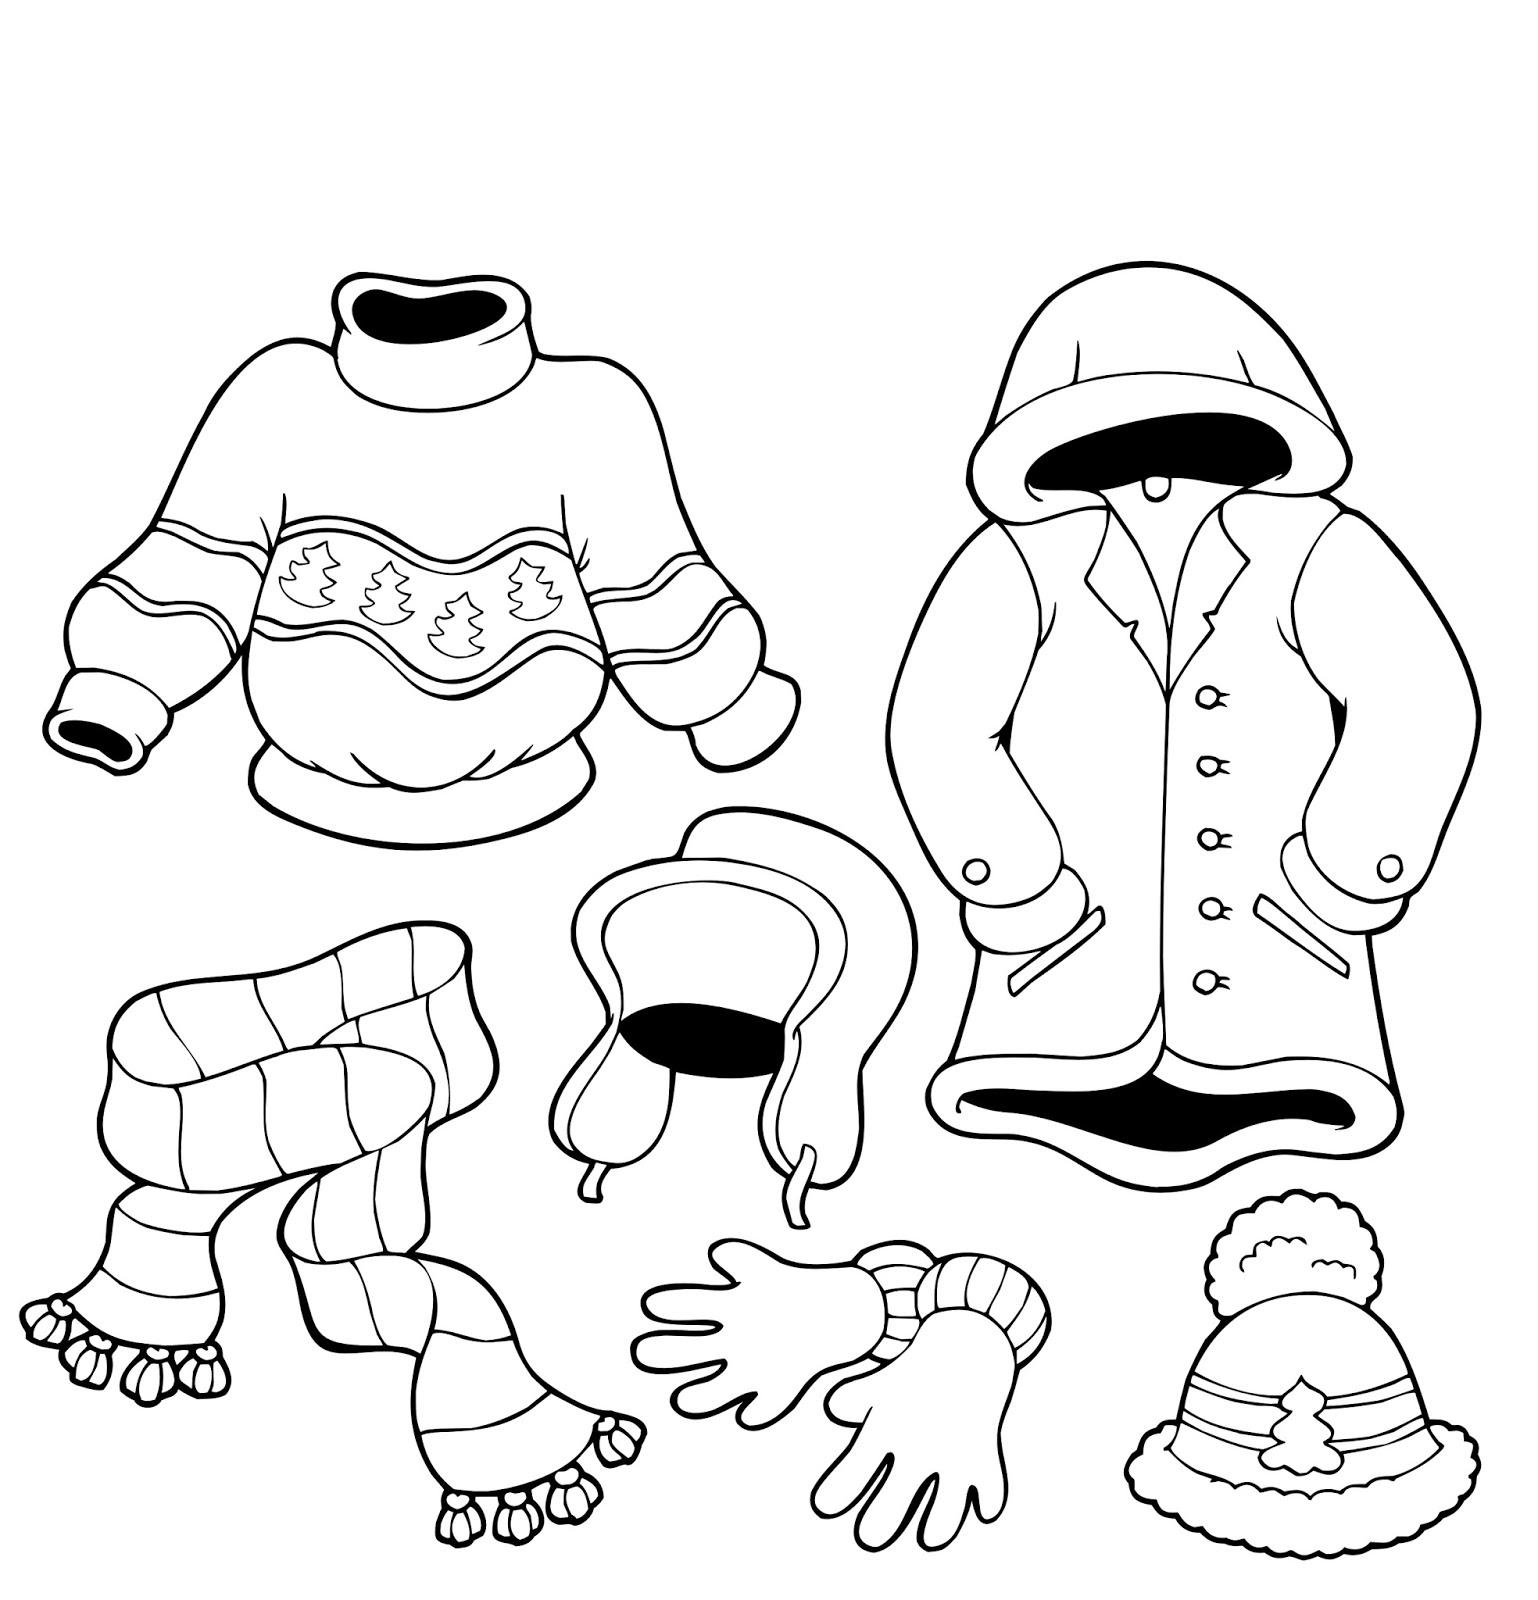 Page de coloriage grand format  imprimer vªtements d hiver pull manteau avec capuche écharpe bonnet gants